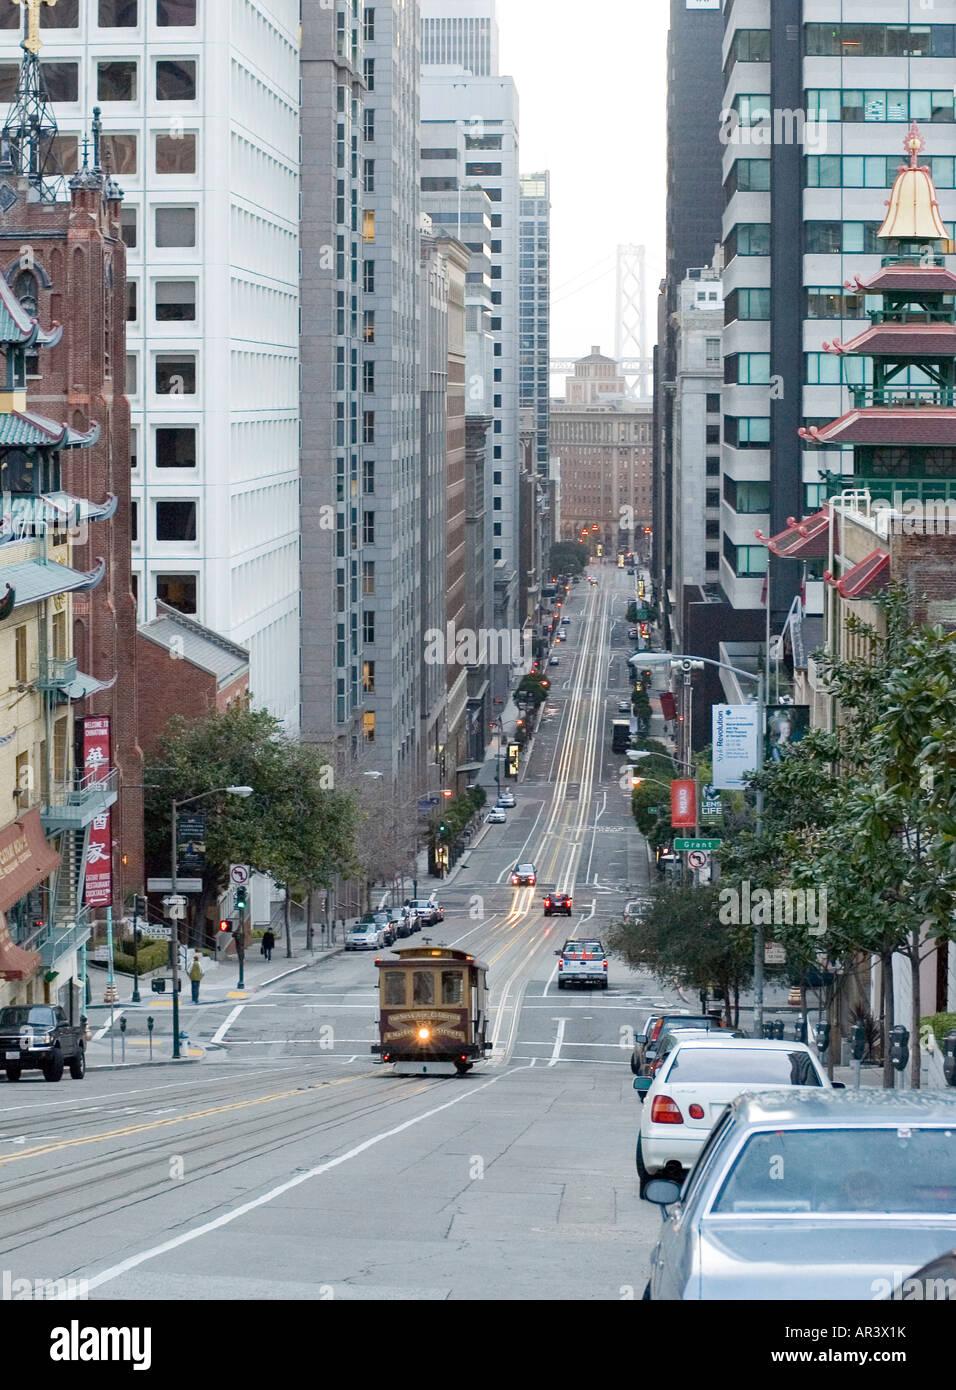 A cablecar in San Francisco, California - Stock Image